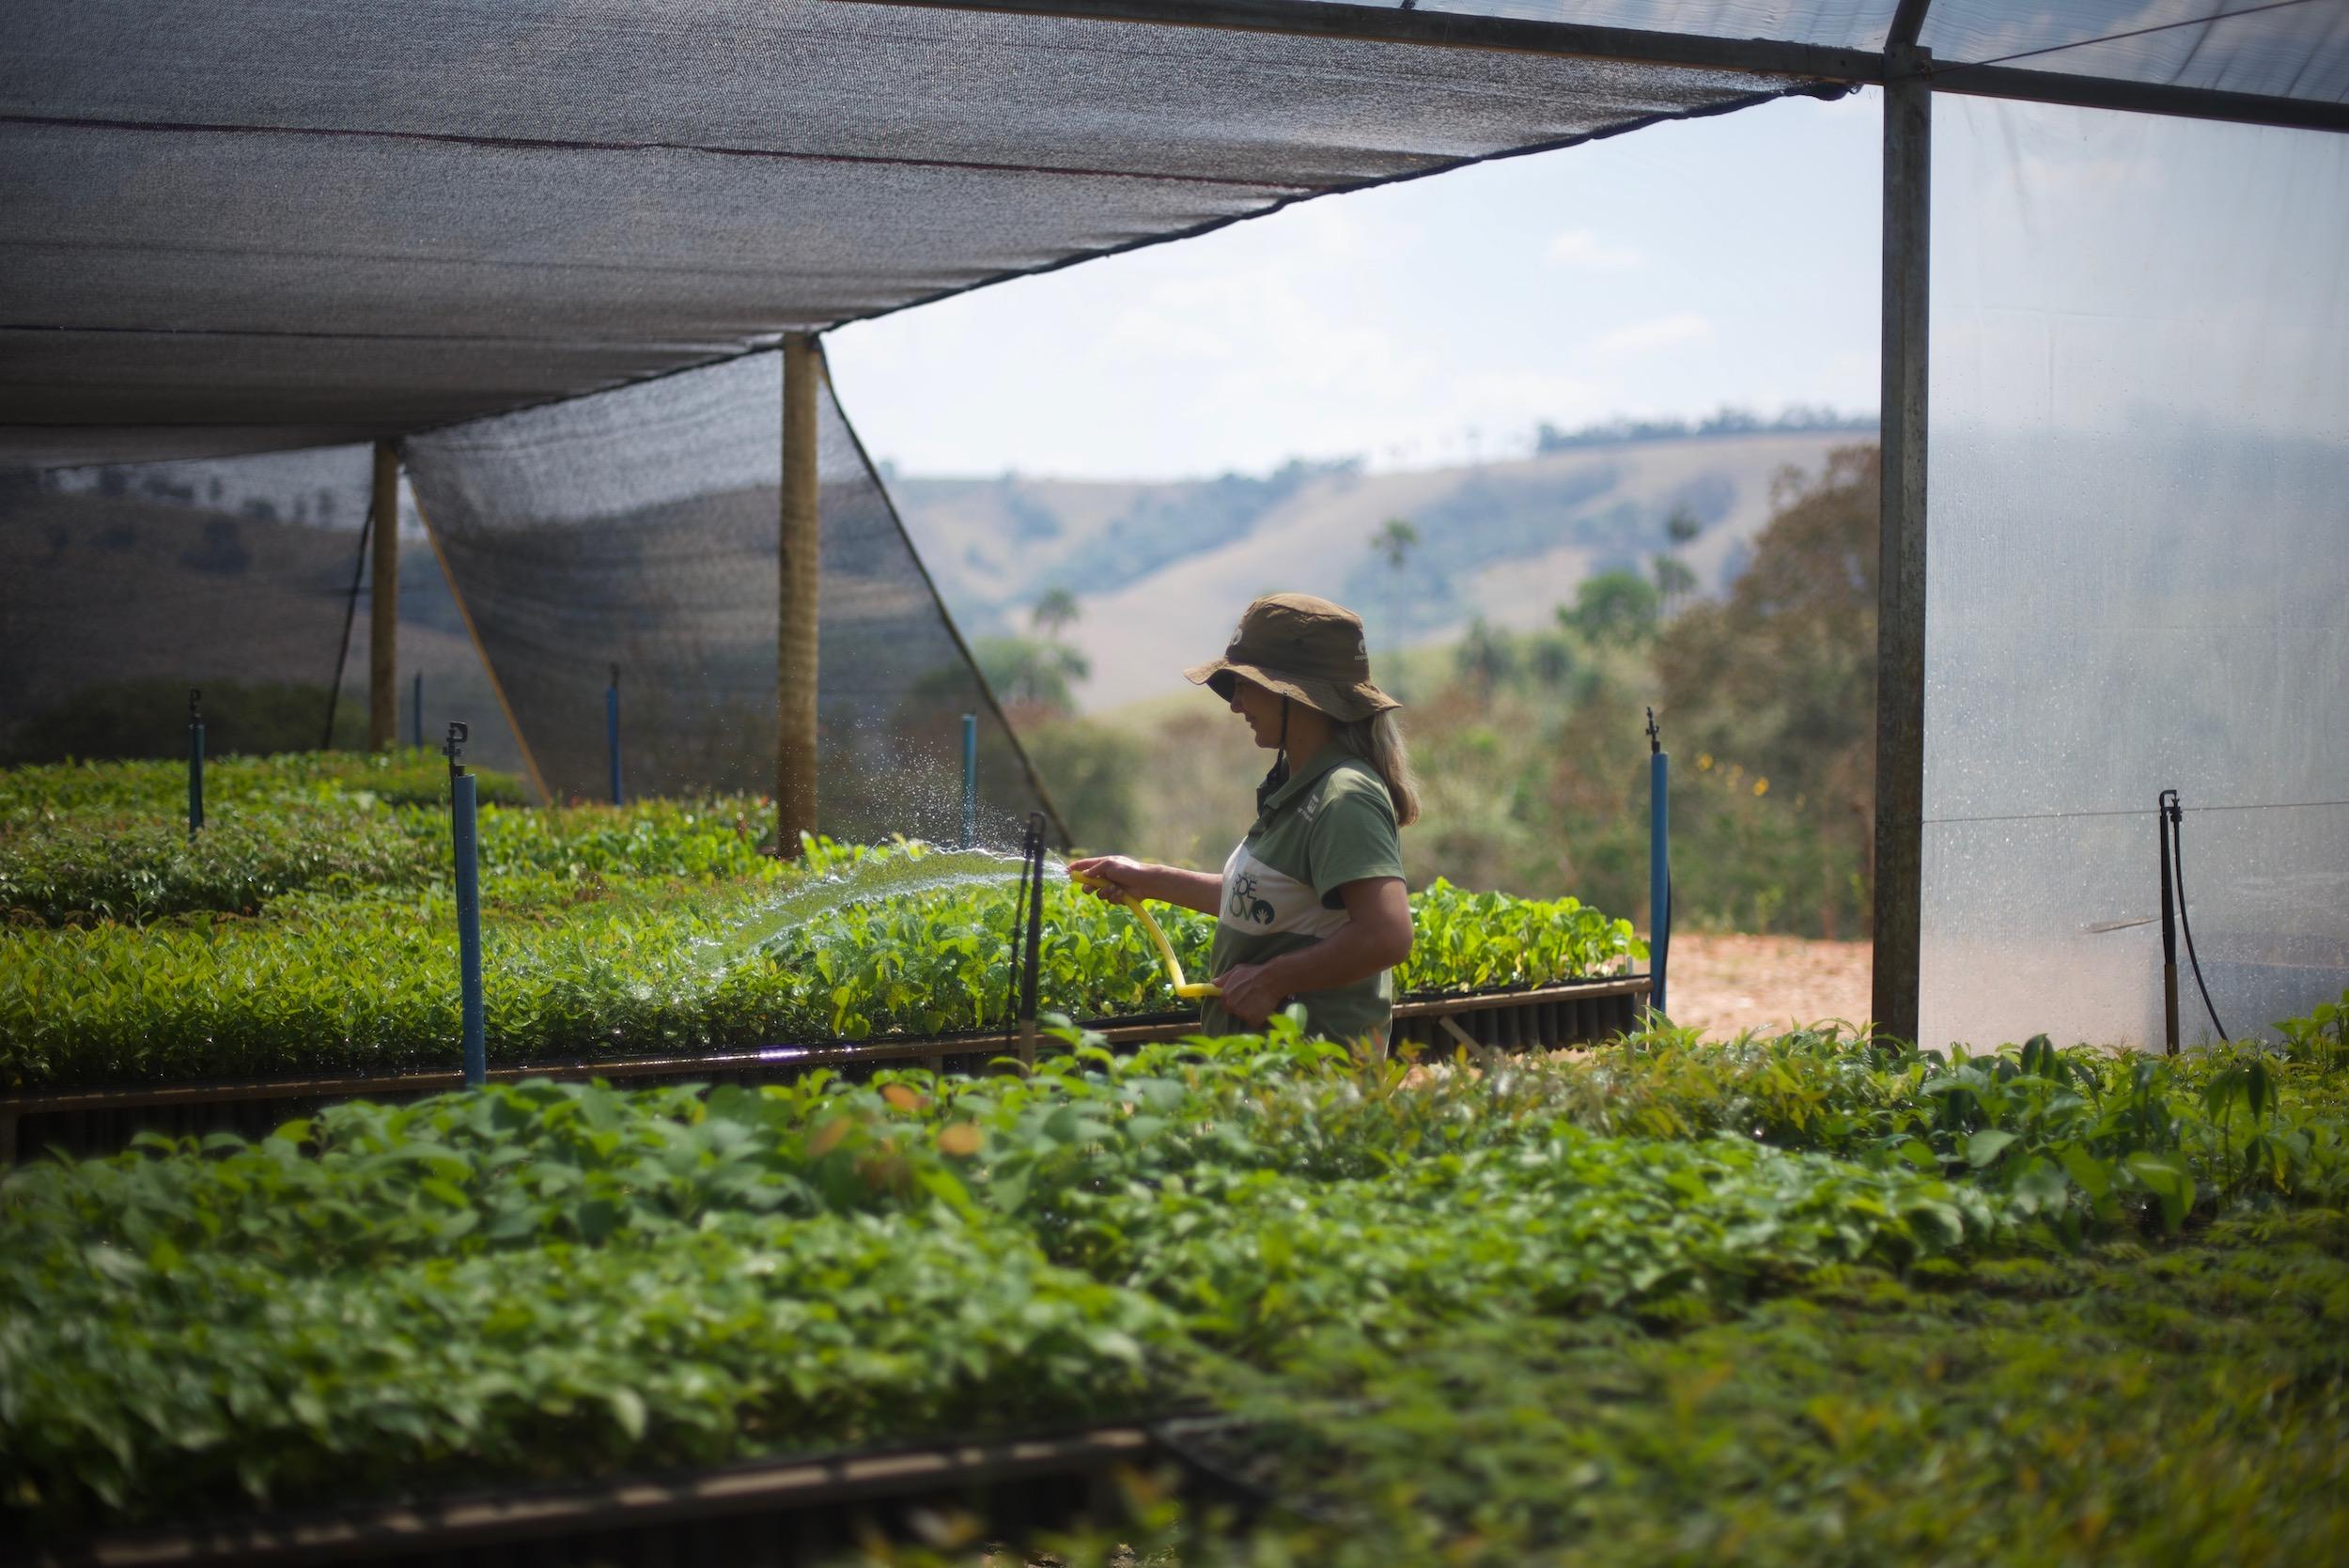 Ecosia in Brazil